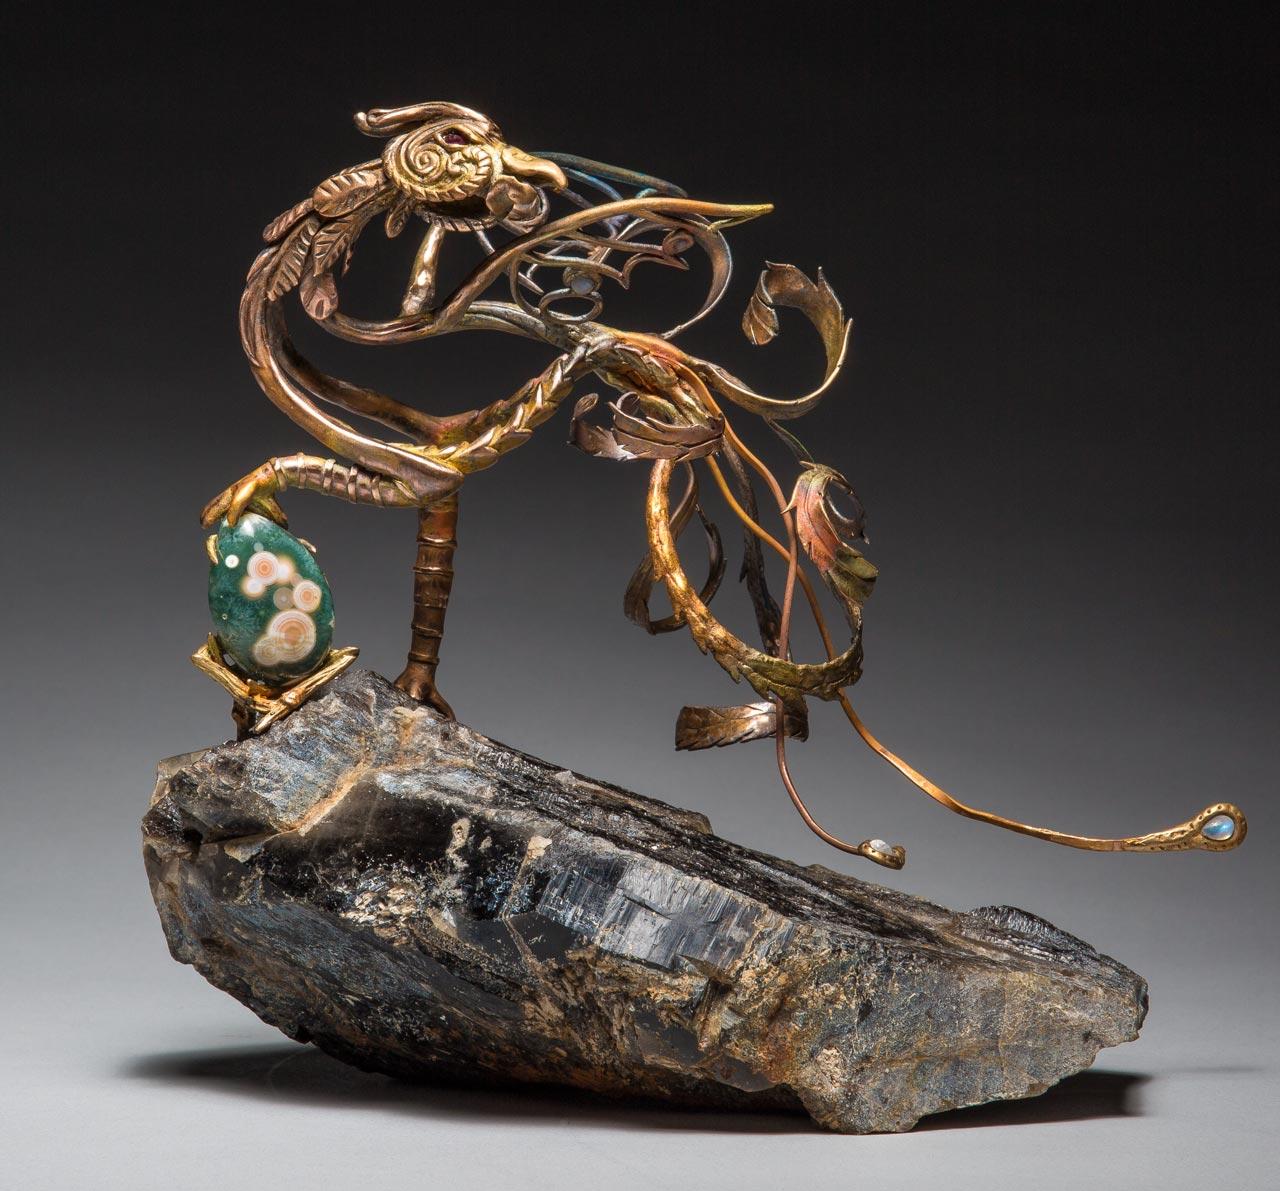 metal sculpture: phoenix on rock